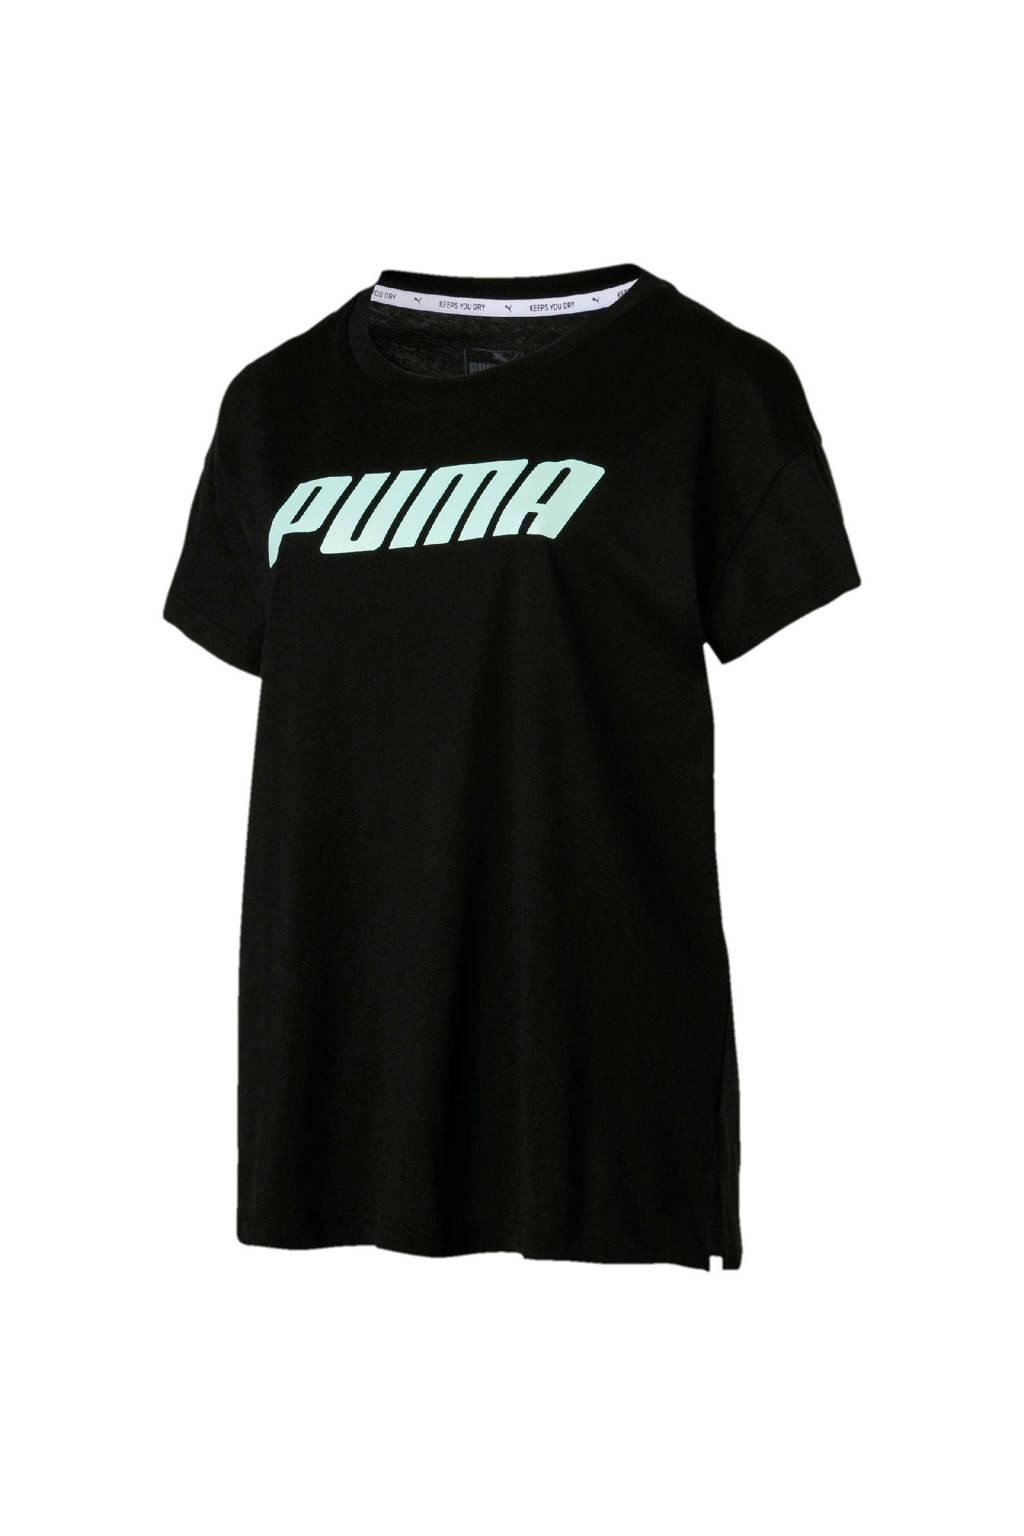 Puma sport T-shirt zwart, Zwart/lichtgroen